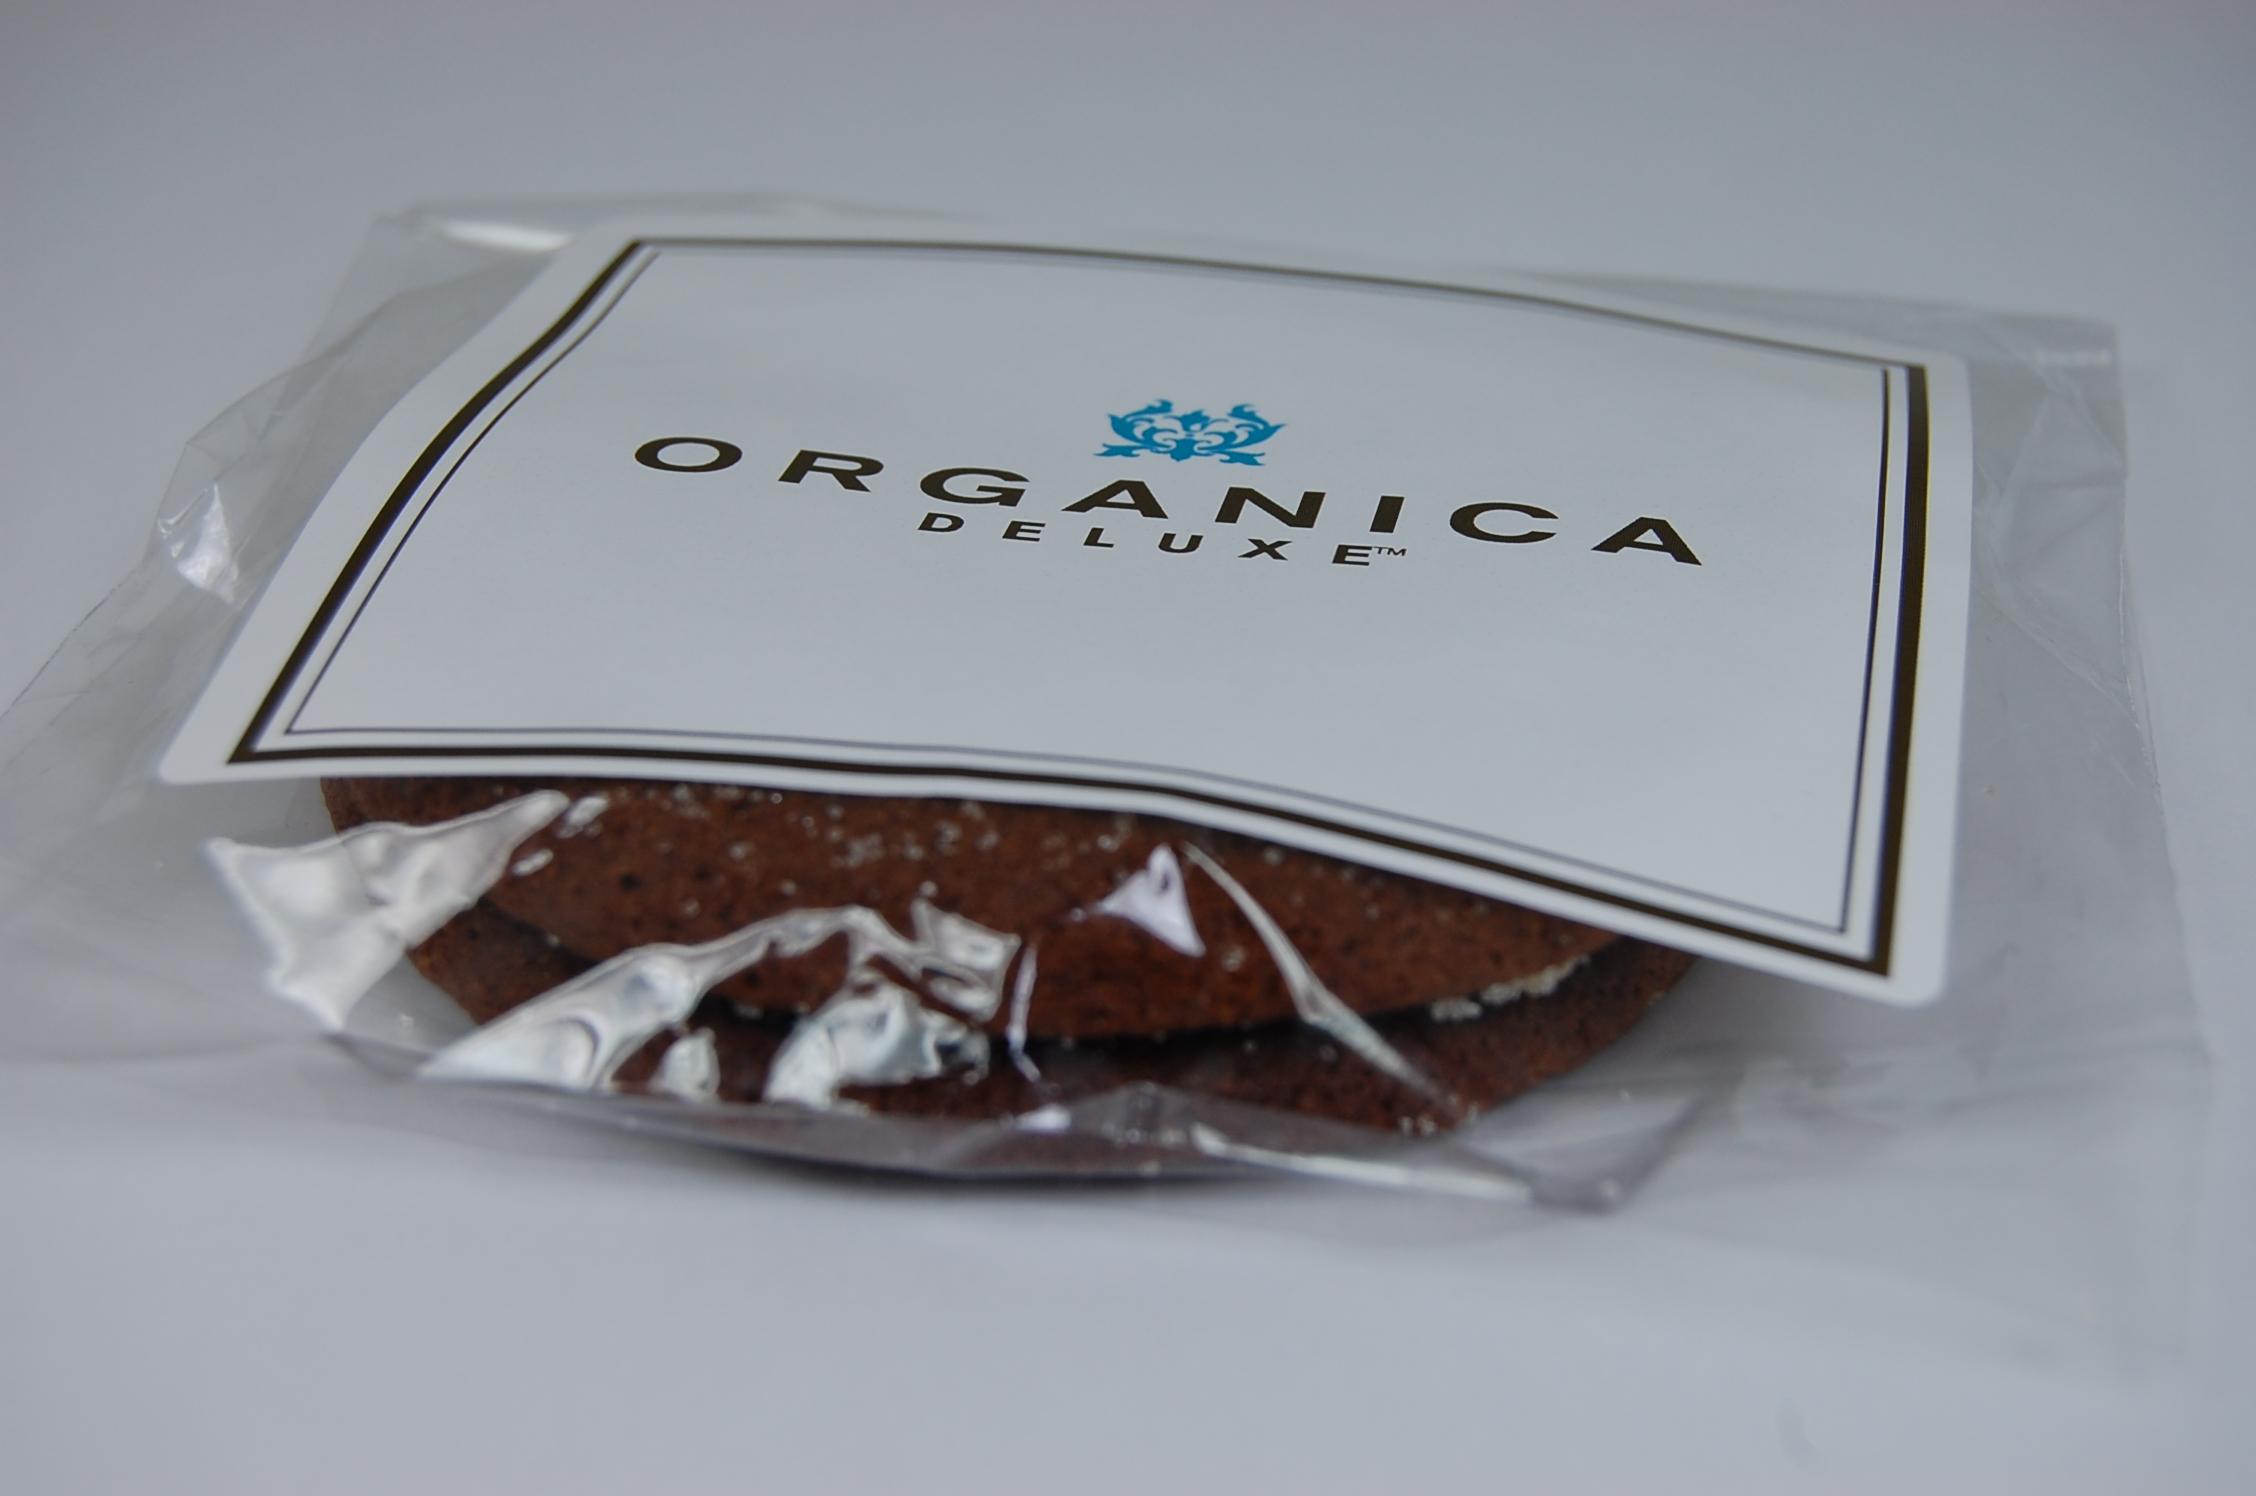 Organica Deluxe Cookies Packaging